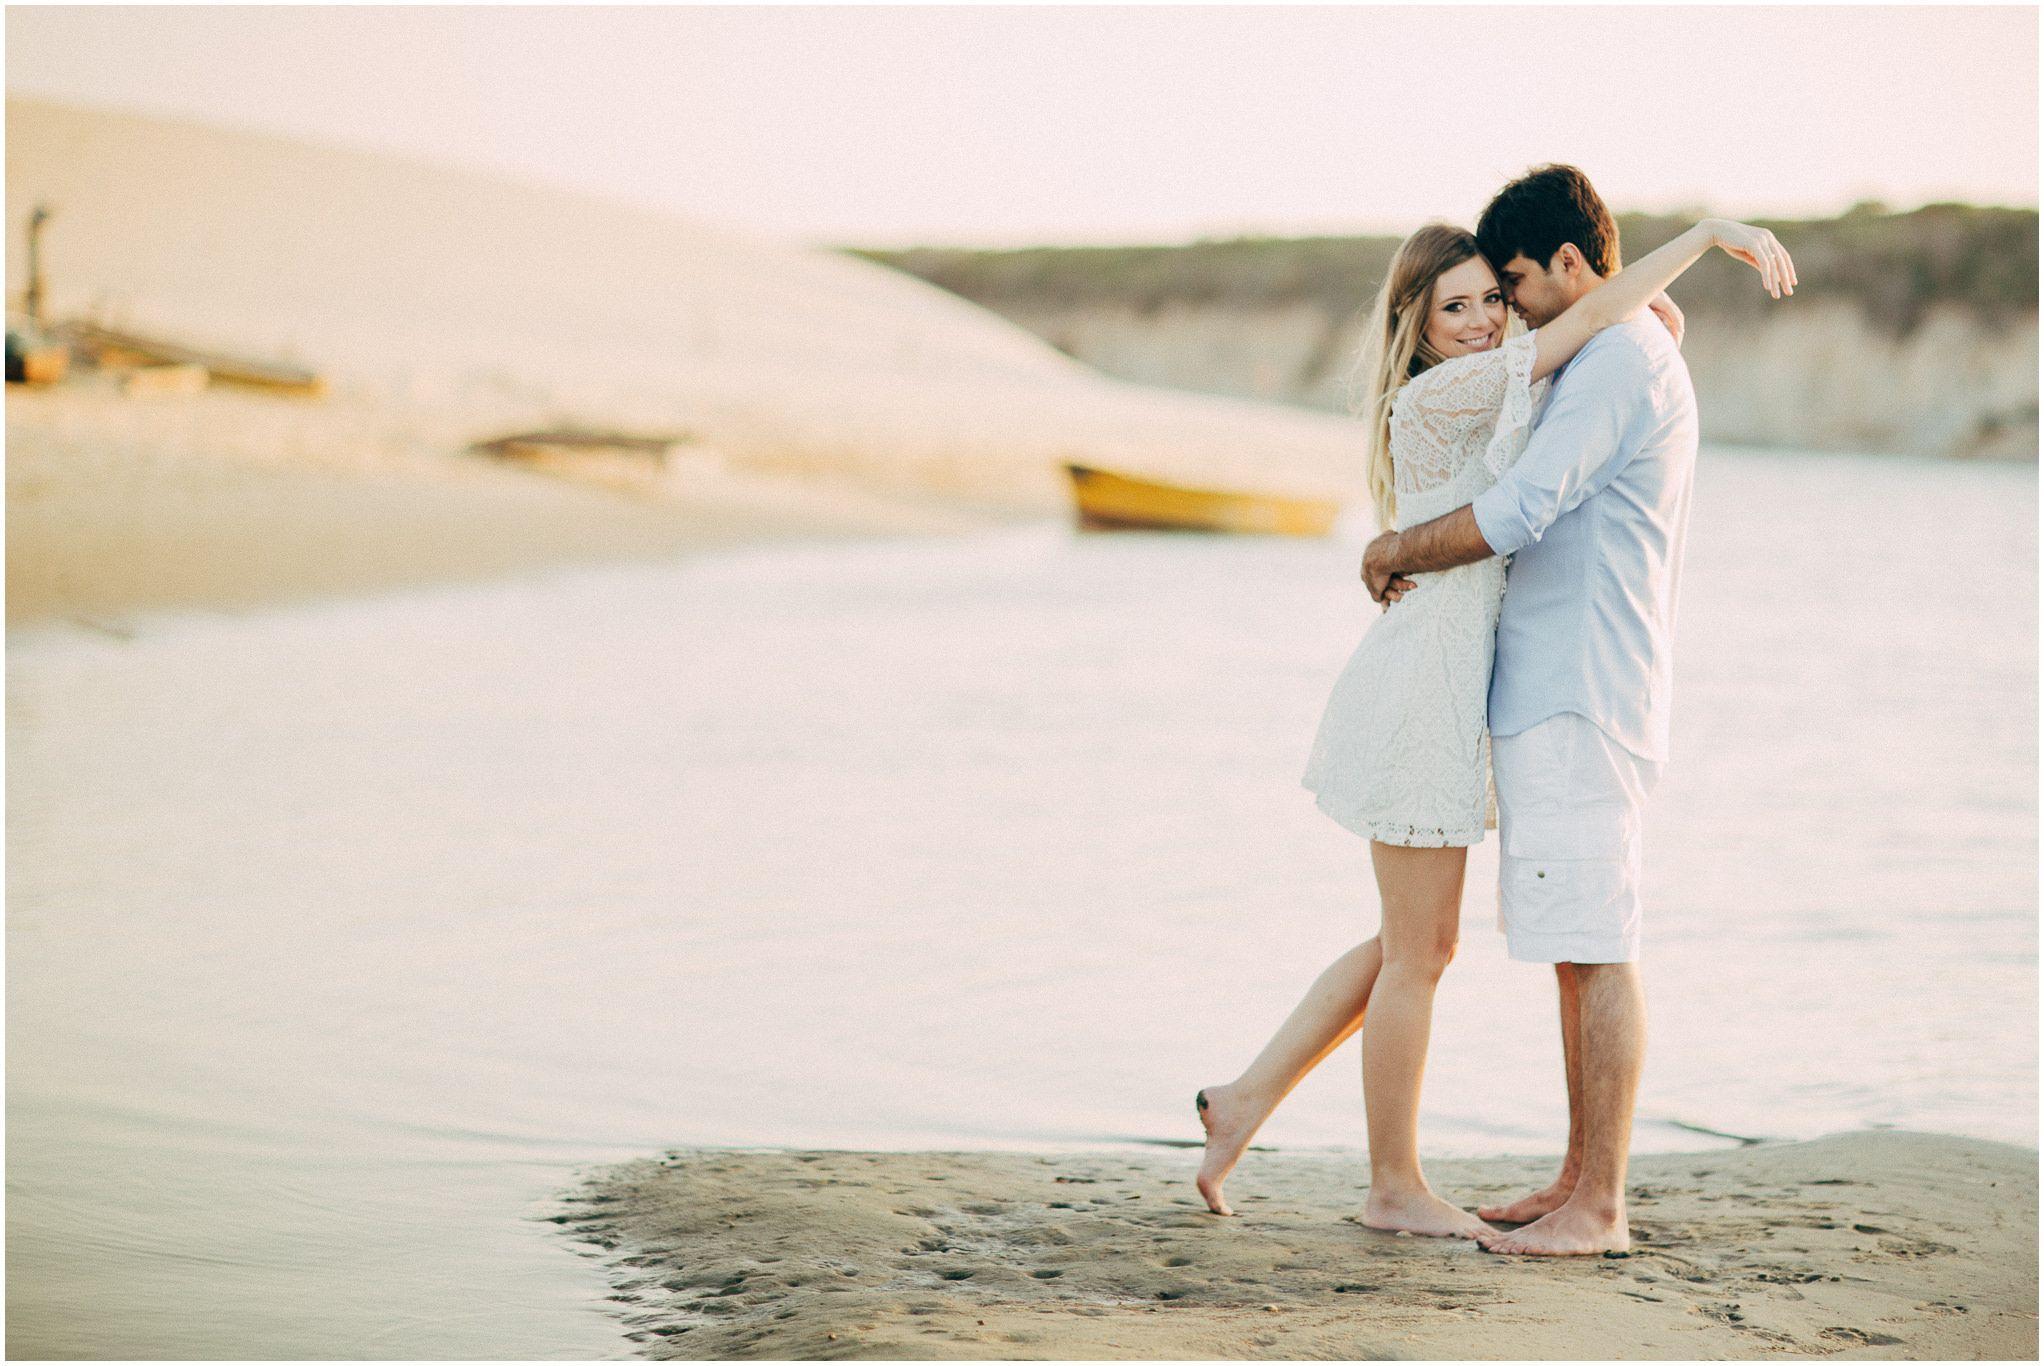 Tá chegando, tá chegando... Tô com uma sede de fotografar casamento, eles serão os próximos.